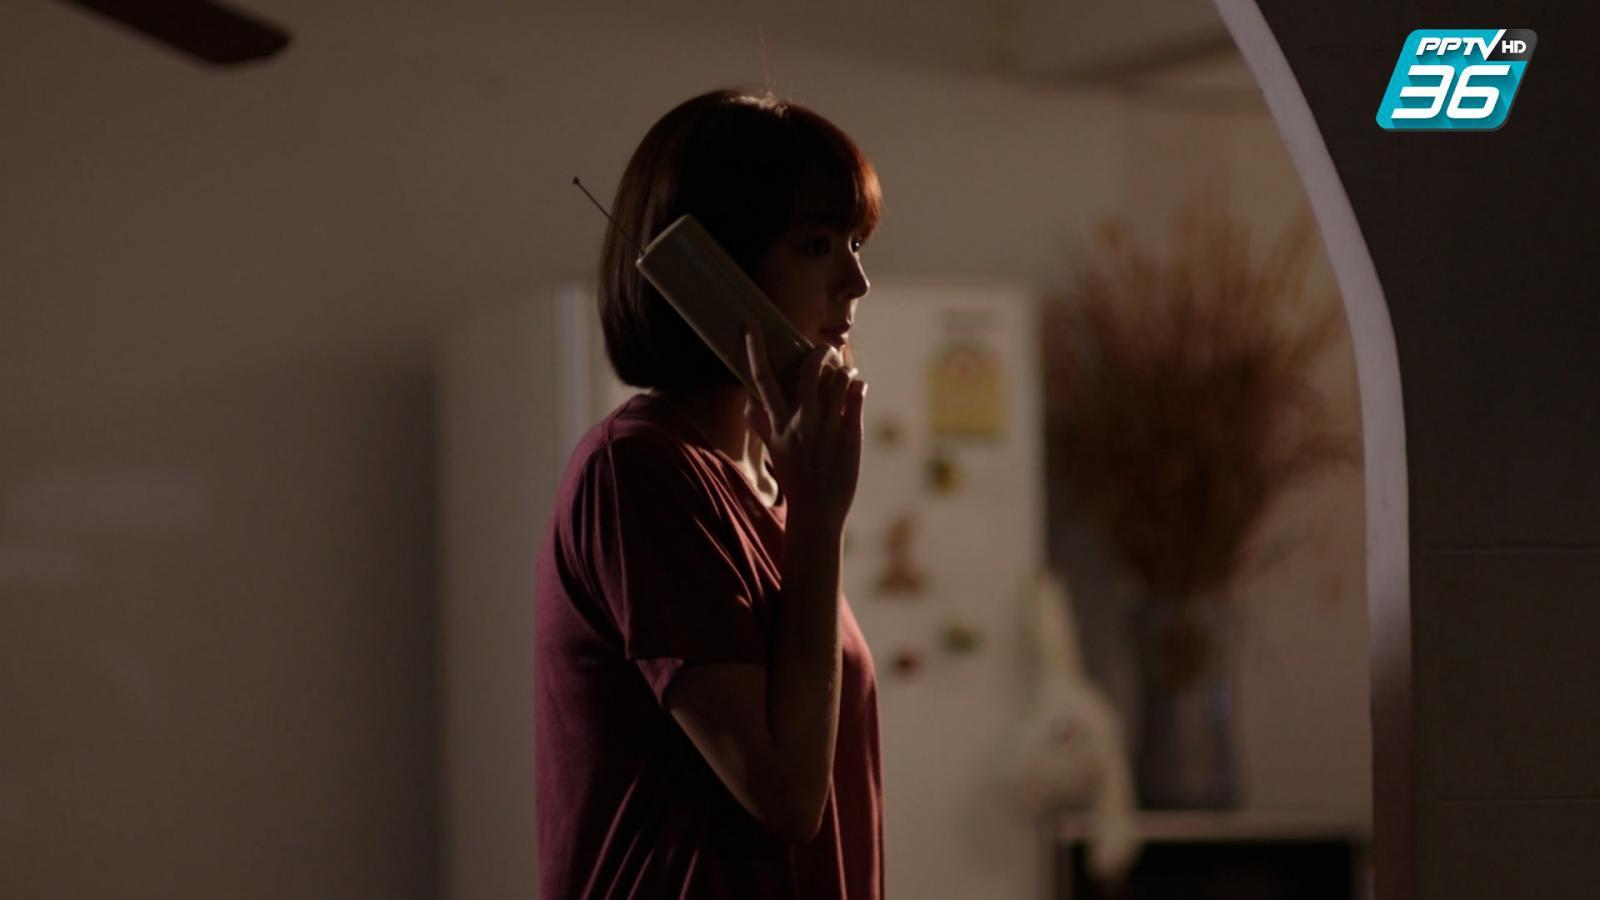 กาลครั้งหนึ่ง รักของเรา EP.3   ฟินสุด   โทรไปจีบ แต่ติดที่พ่อเธอรับ   PPTV HD 36